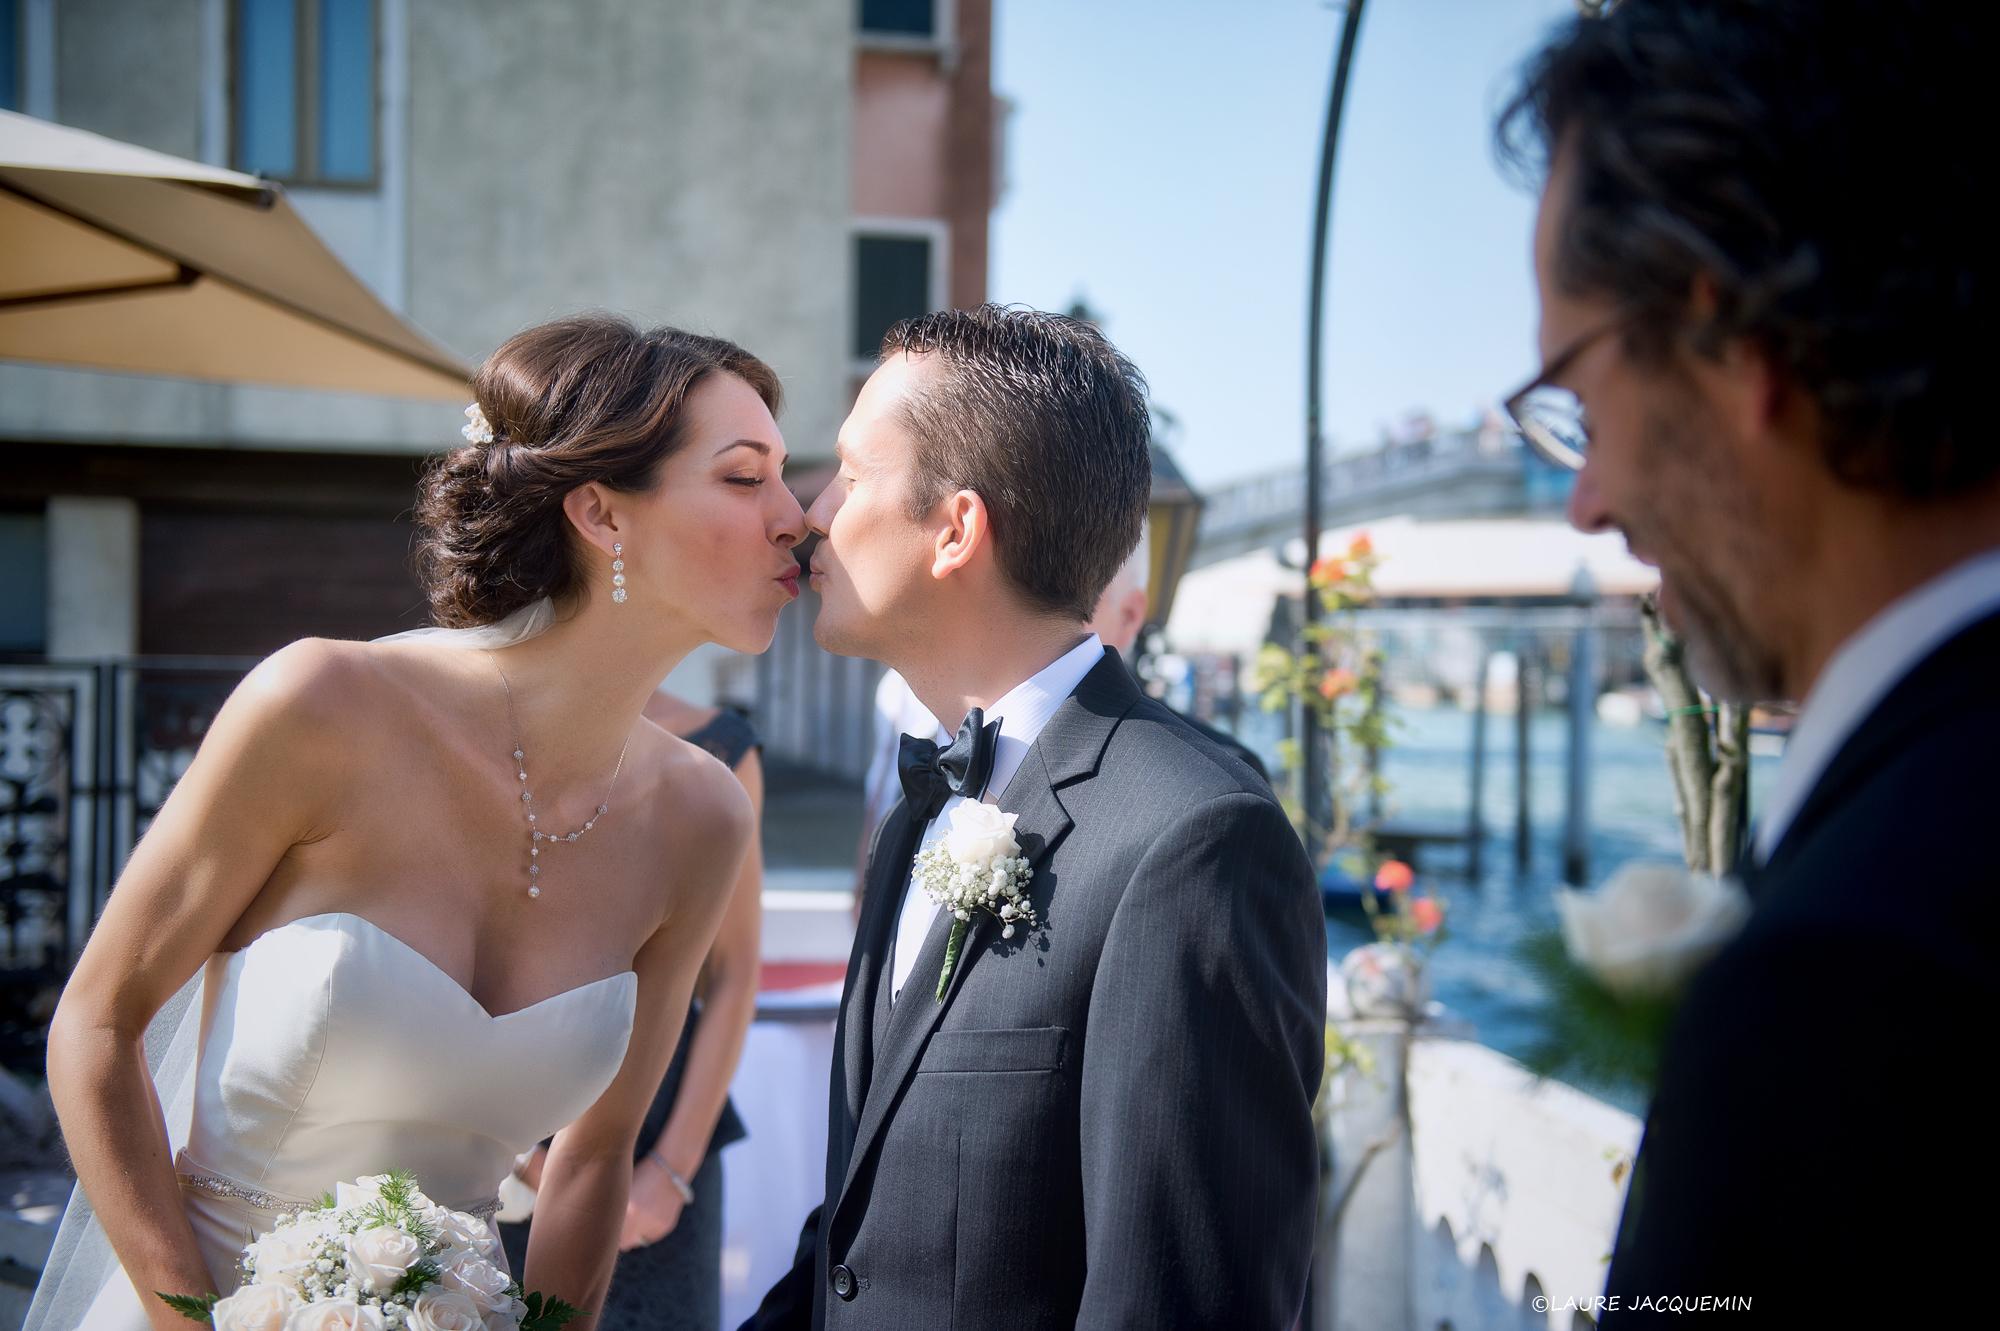 venise mariage photographe laure Jacquemin simbolique jardin venitien gondole (59)